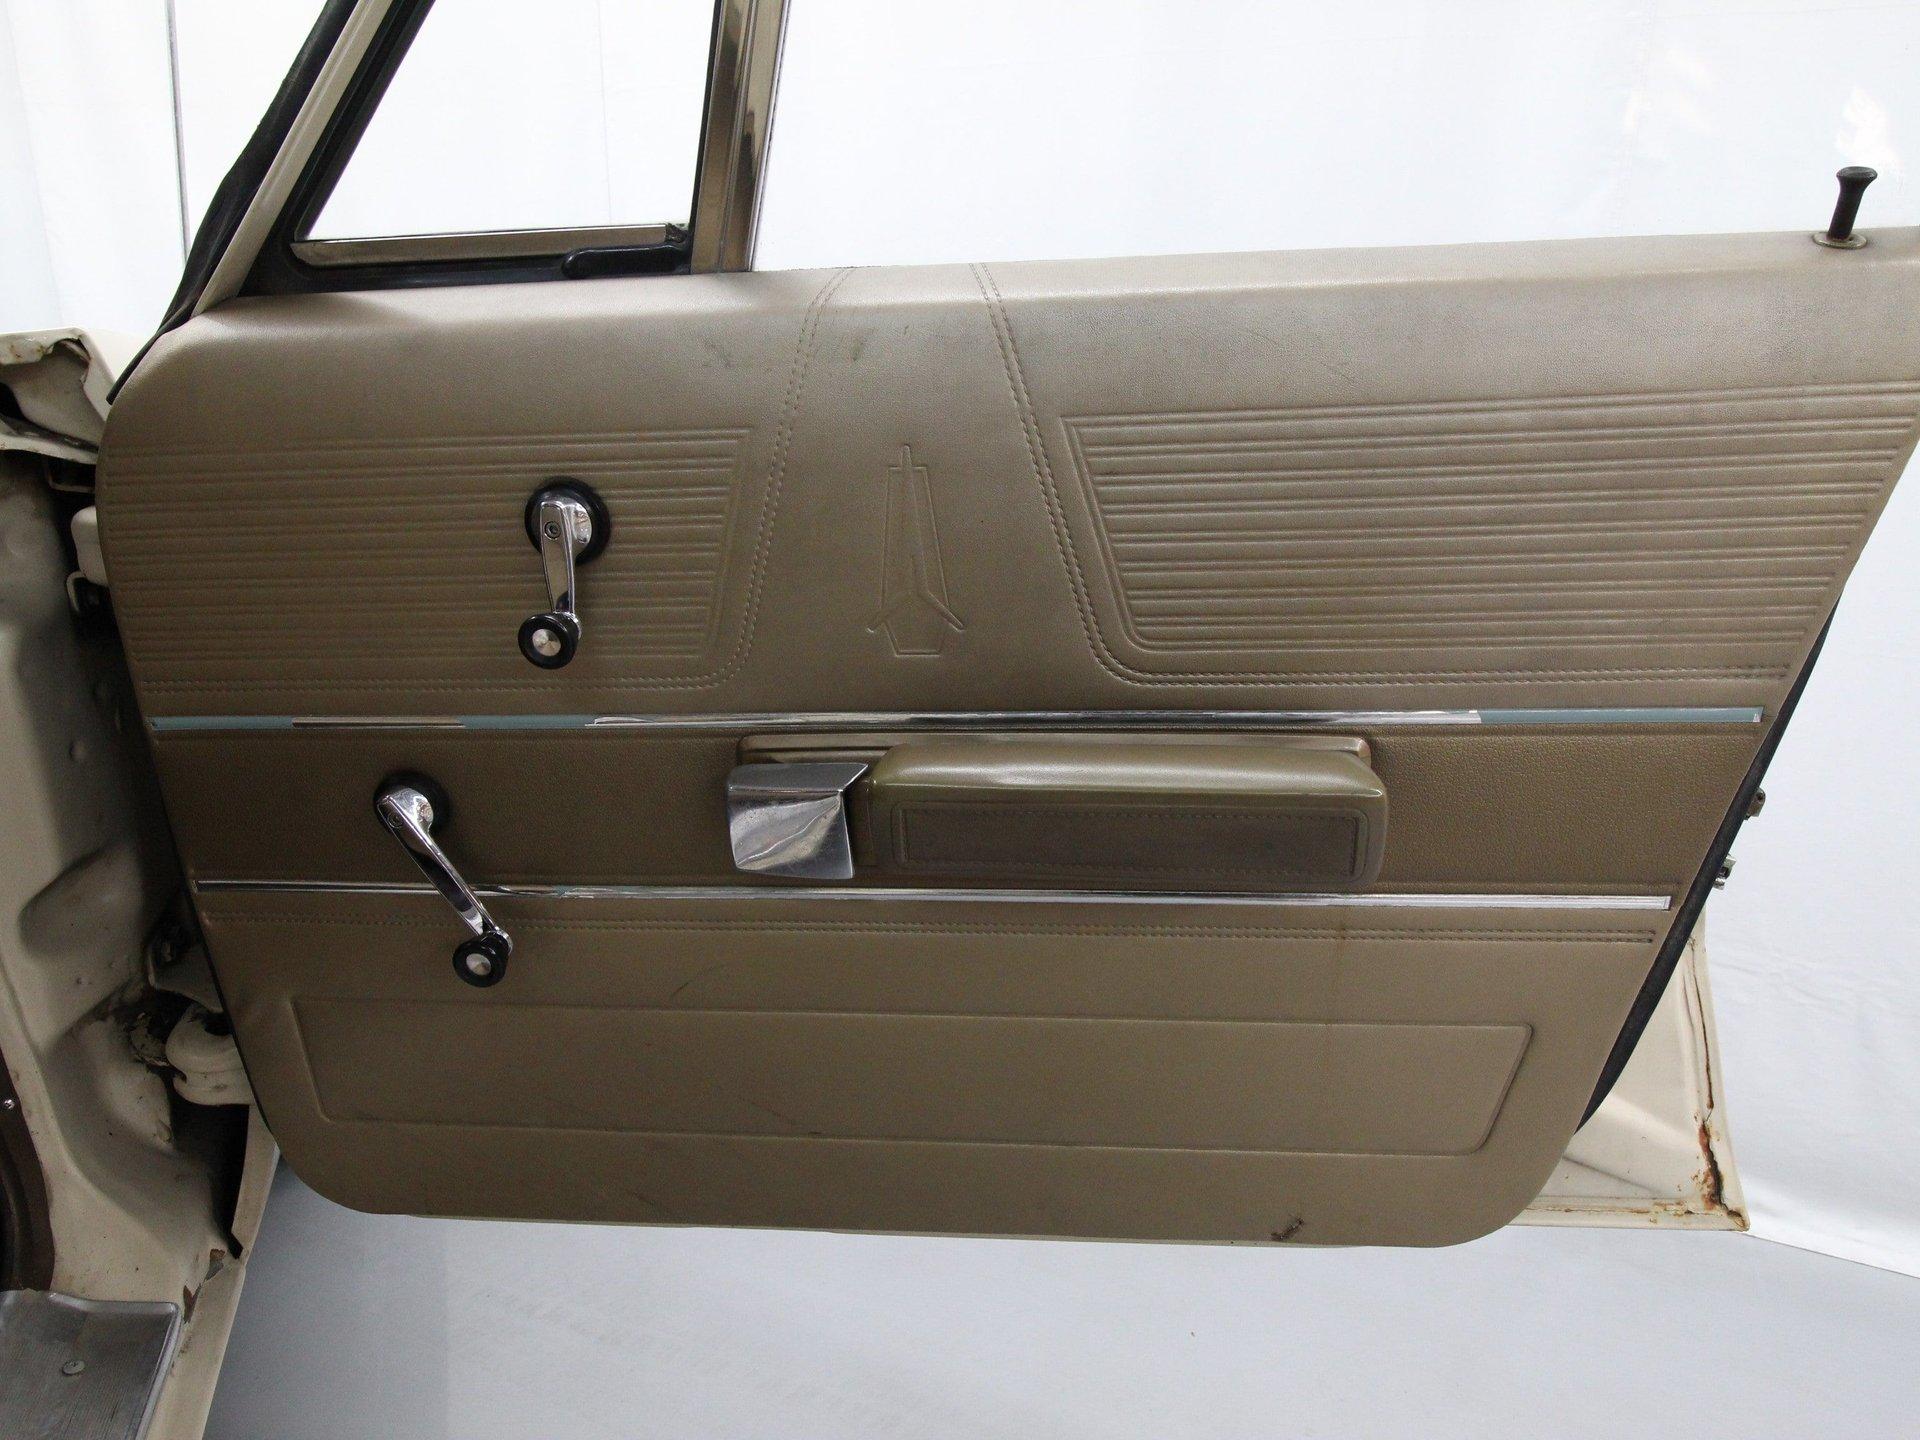 1968 Plymouth Suburban